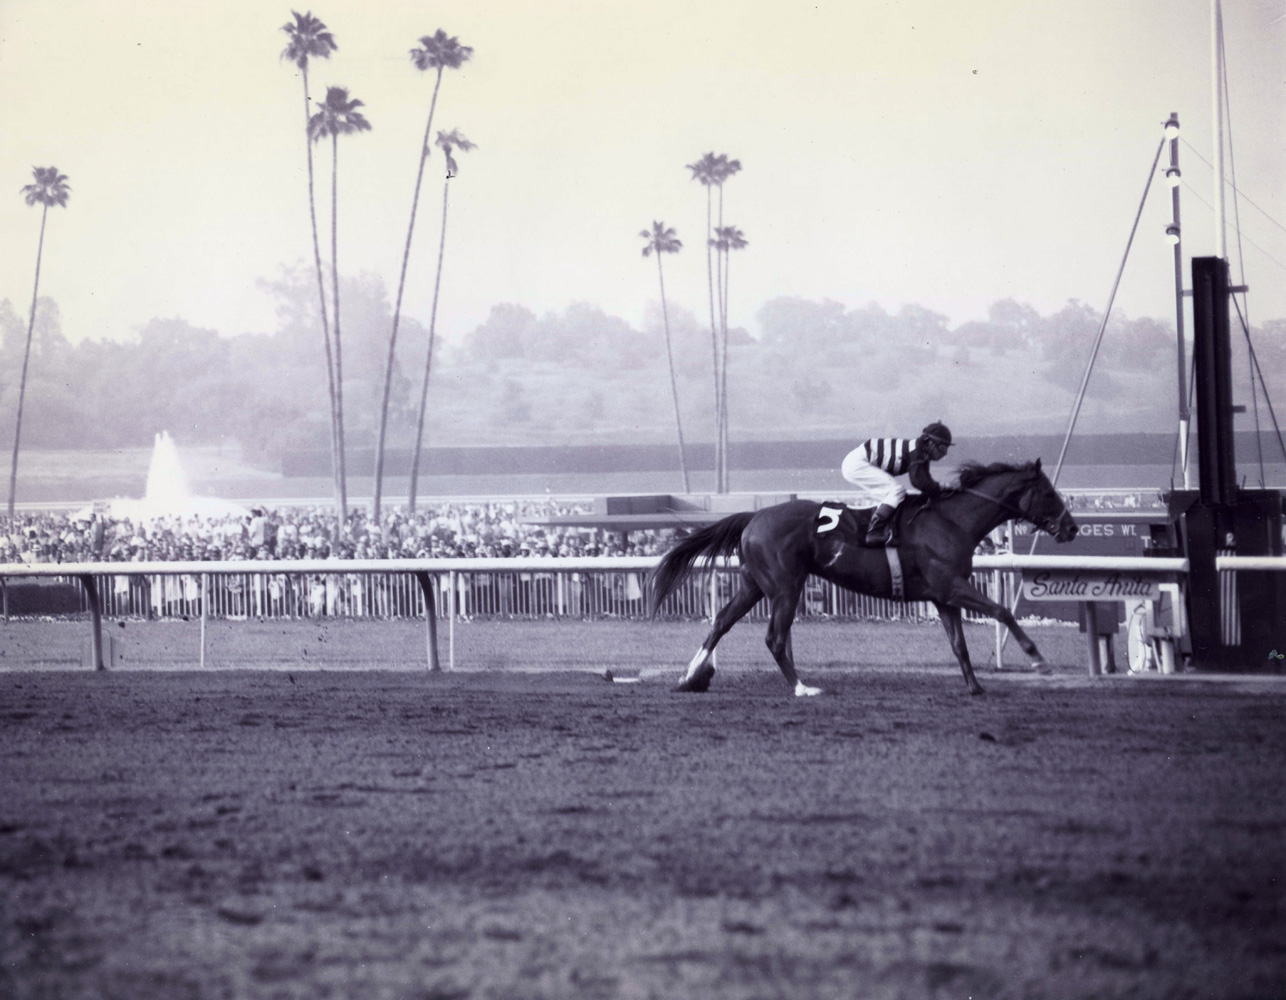 Majestic Prince (Bill Hartack up) winning the 1969 Santa Anita Derby at Santa Anita Park (Santa Anita Photo/Museum Collection)